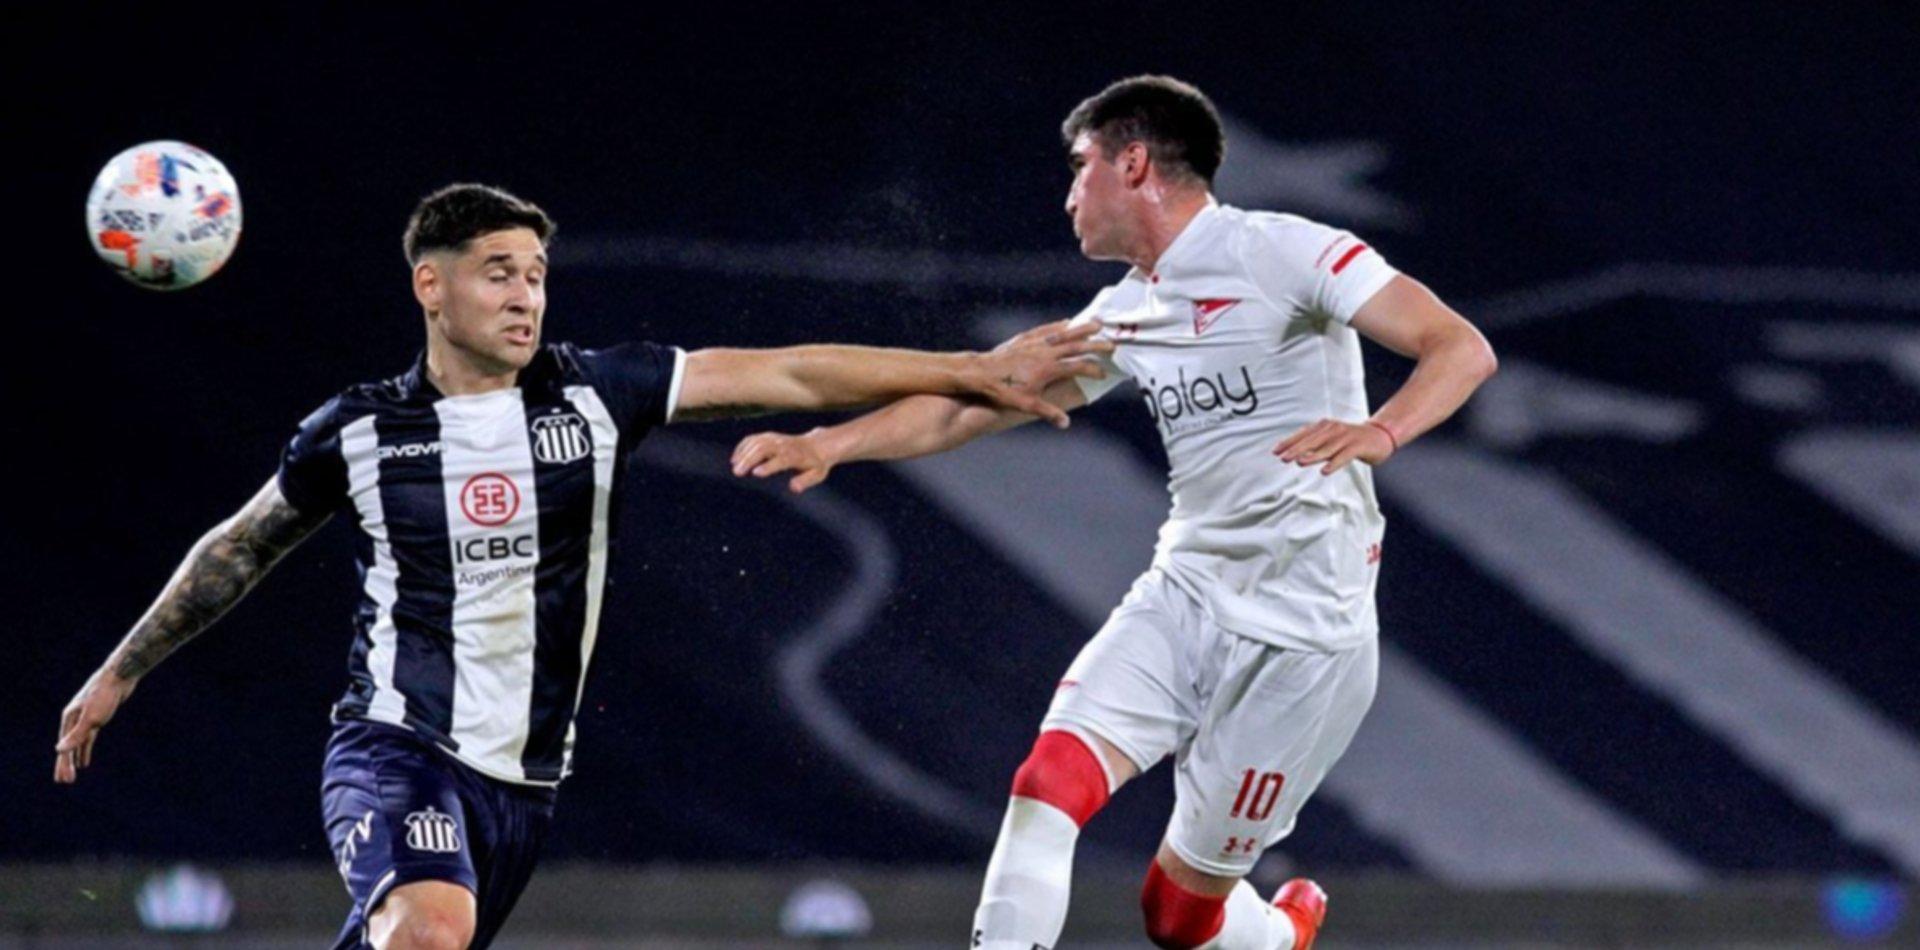 Estudiantes no jugó bien, Talleres lo superó y le ganó por 2 a 0